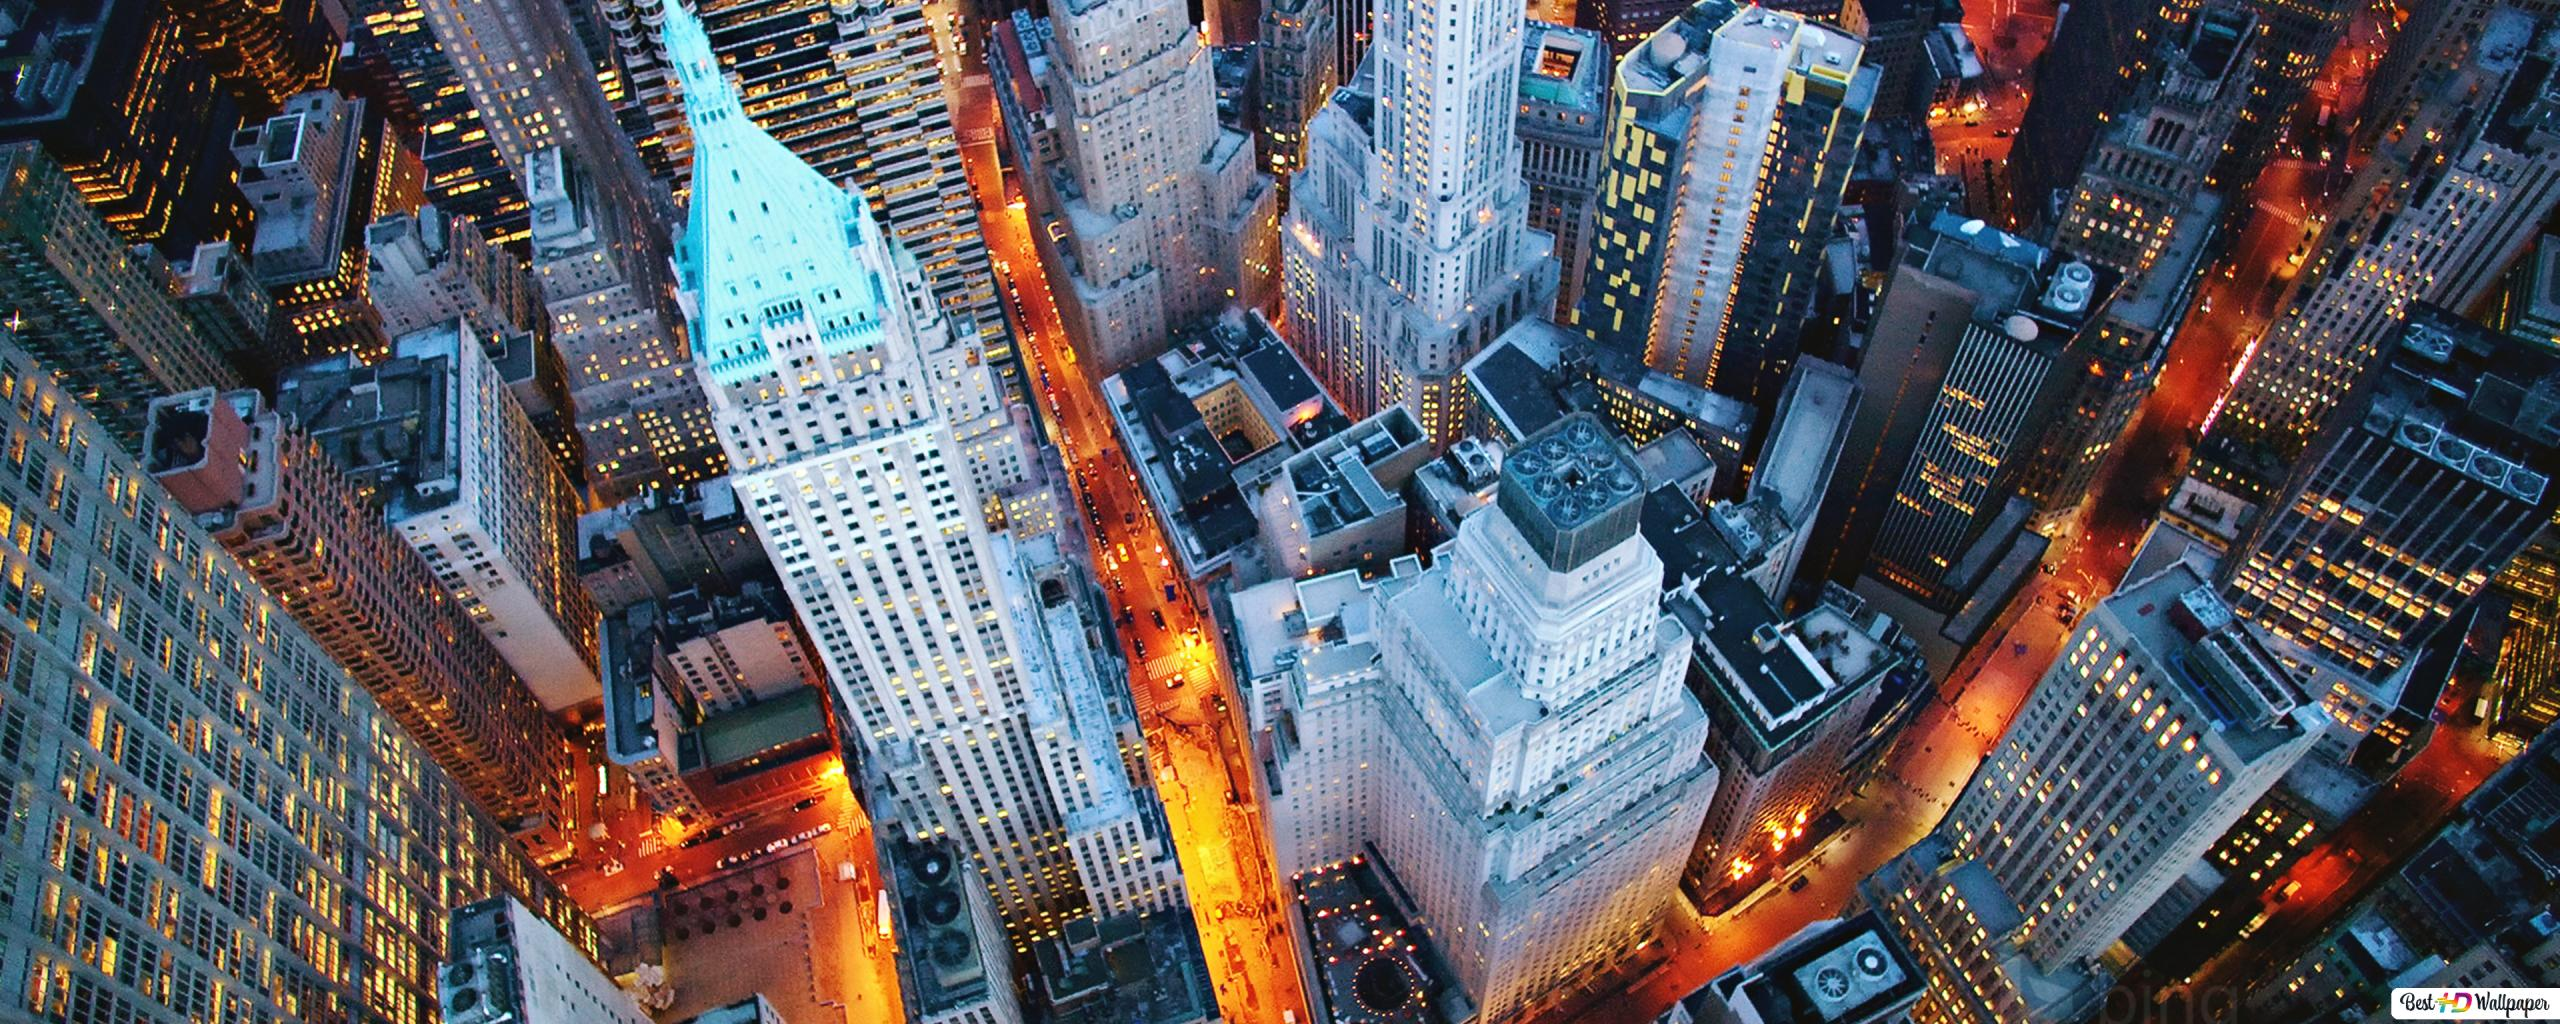 Luci Di Notte A New York Download Di Sfondi Hd